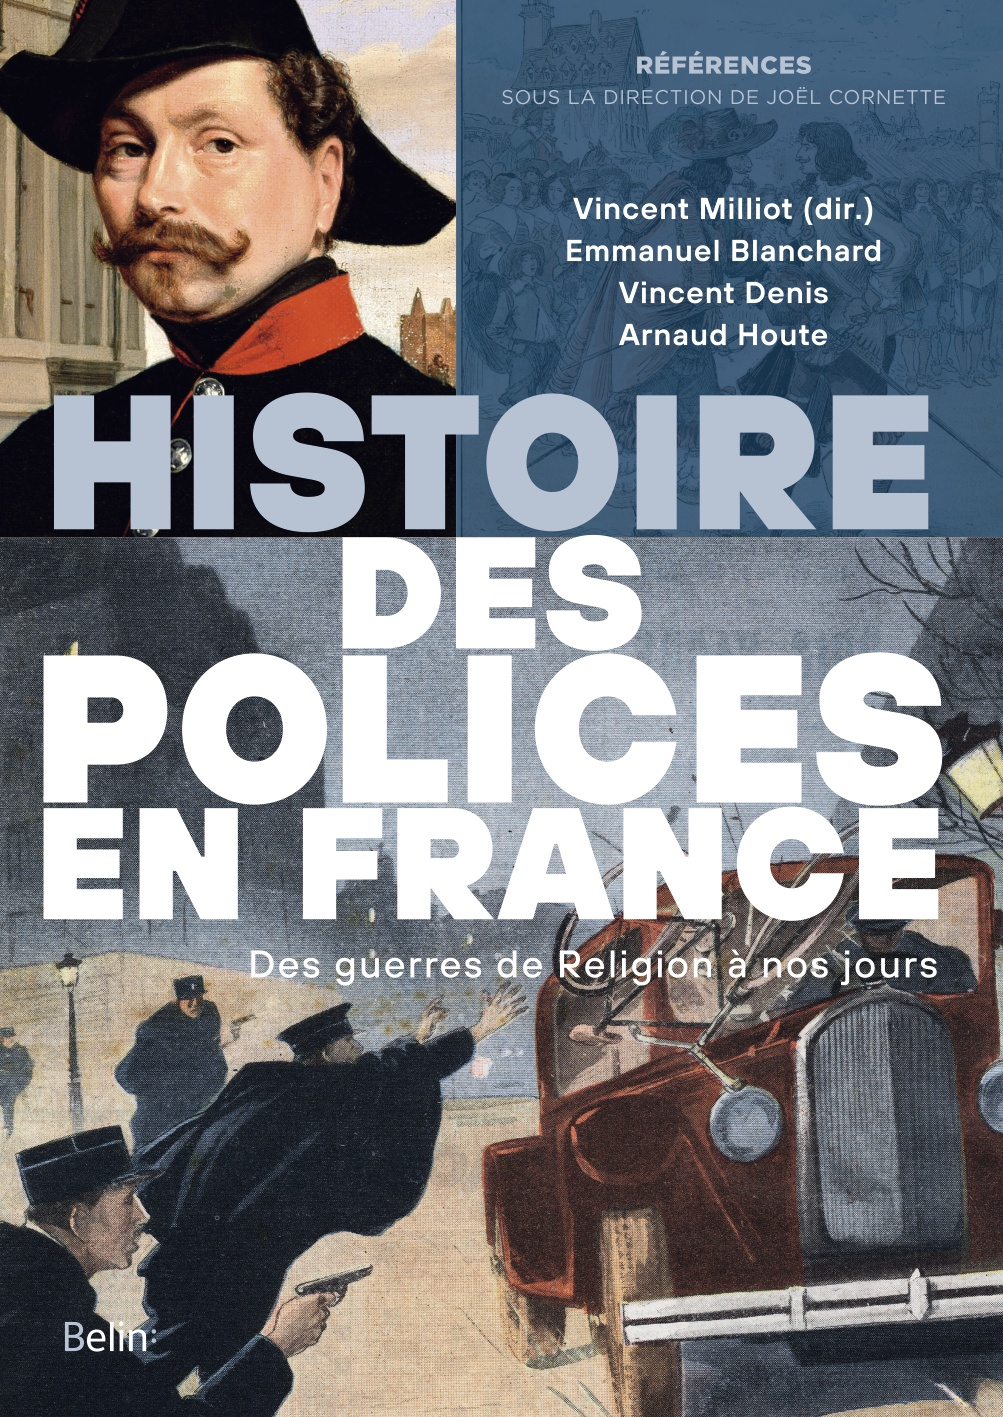 V. Milliot (dir.), E.Blanchard, V. Denis et A.-D.Houte, Histoire des polices en France. Des guerres de Religion à nos jours